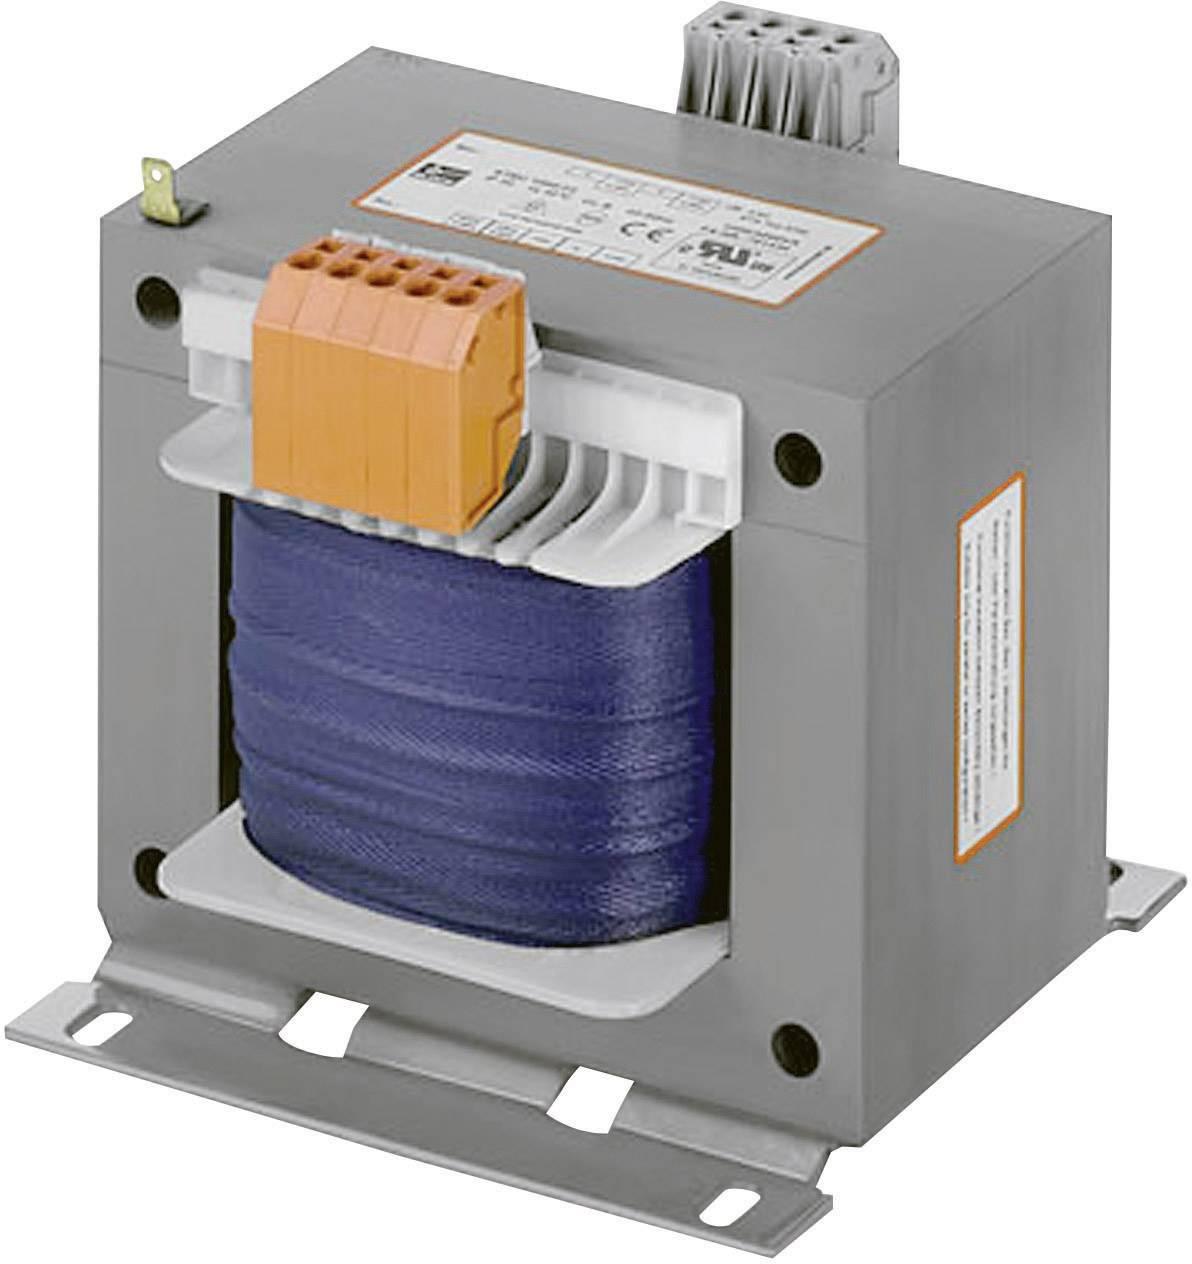 Bezpečnostný transformátor, riadiaci transformátor, izolačný transformátor Block STEU 1000/48, 1000 VA